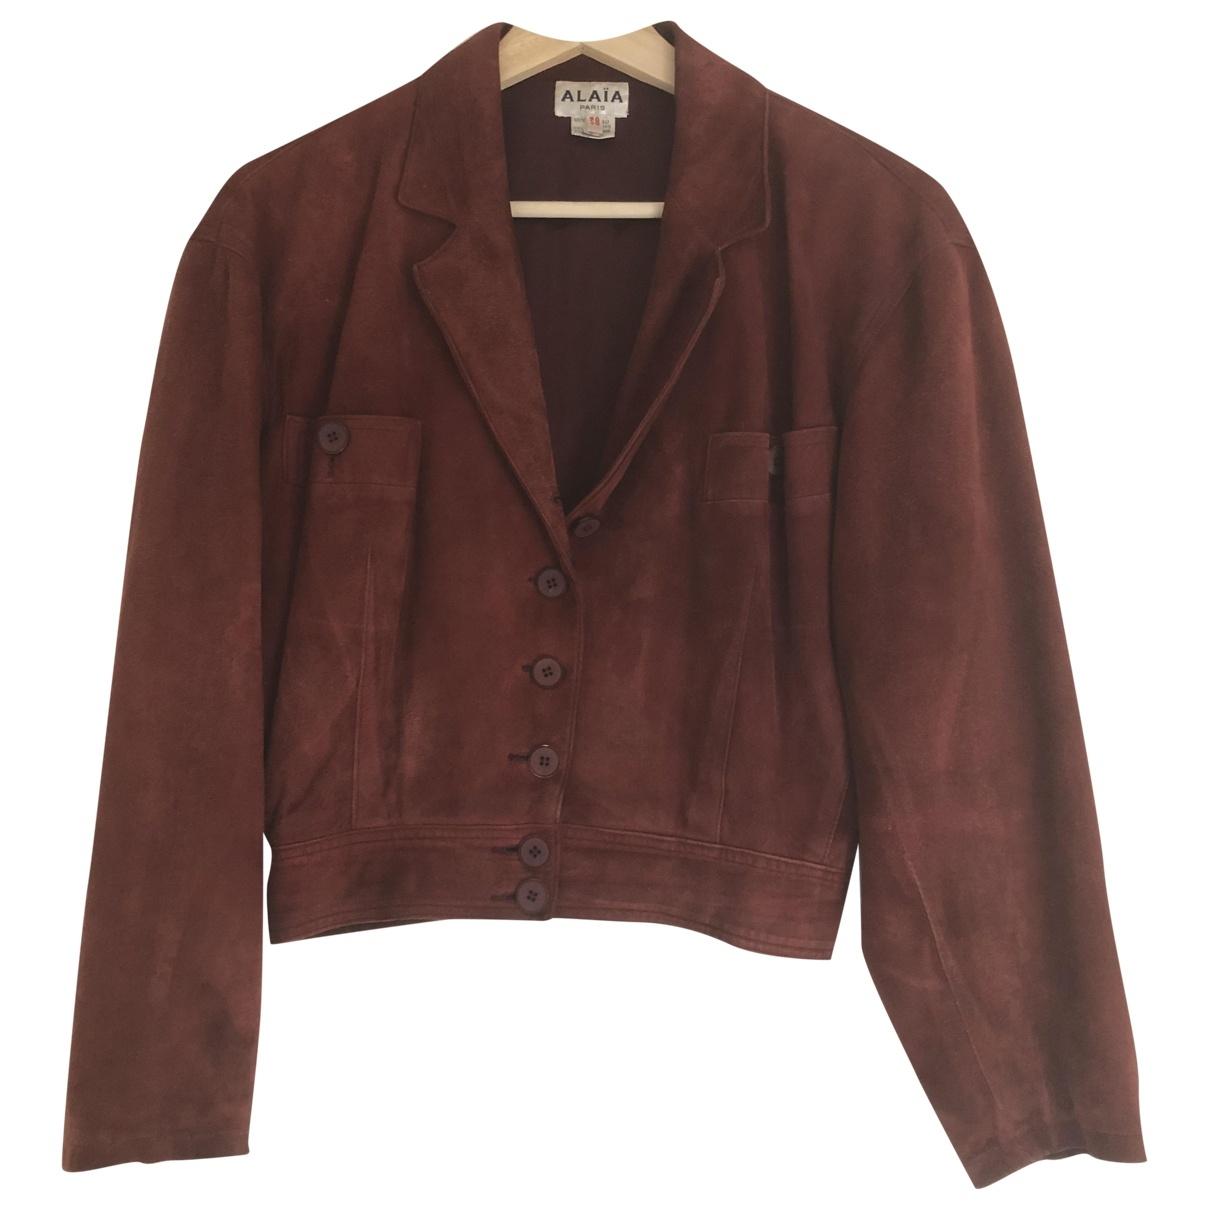 Alaïa \N Burgundy Suede jacket for Women 36 FR